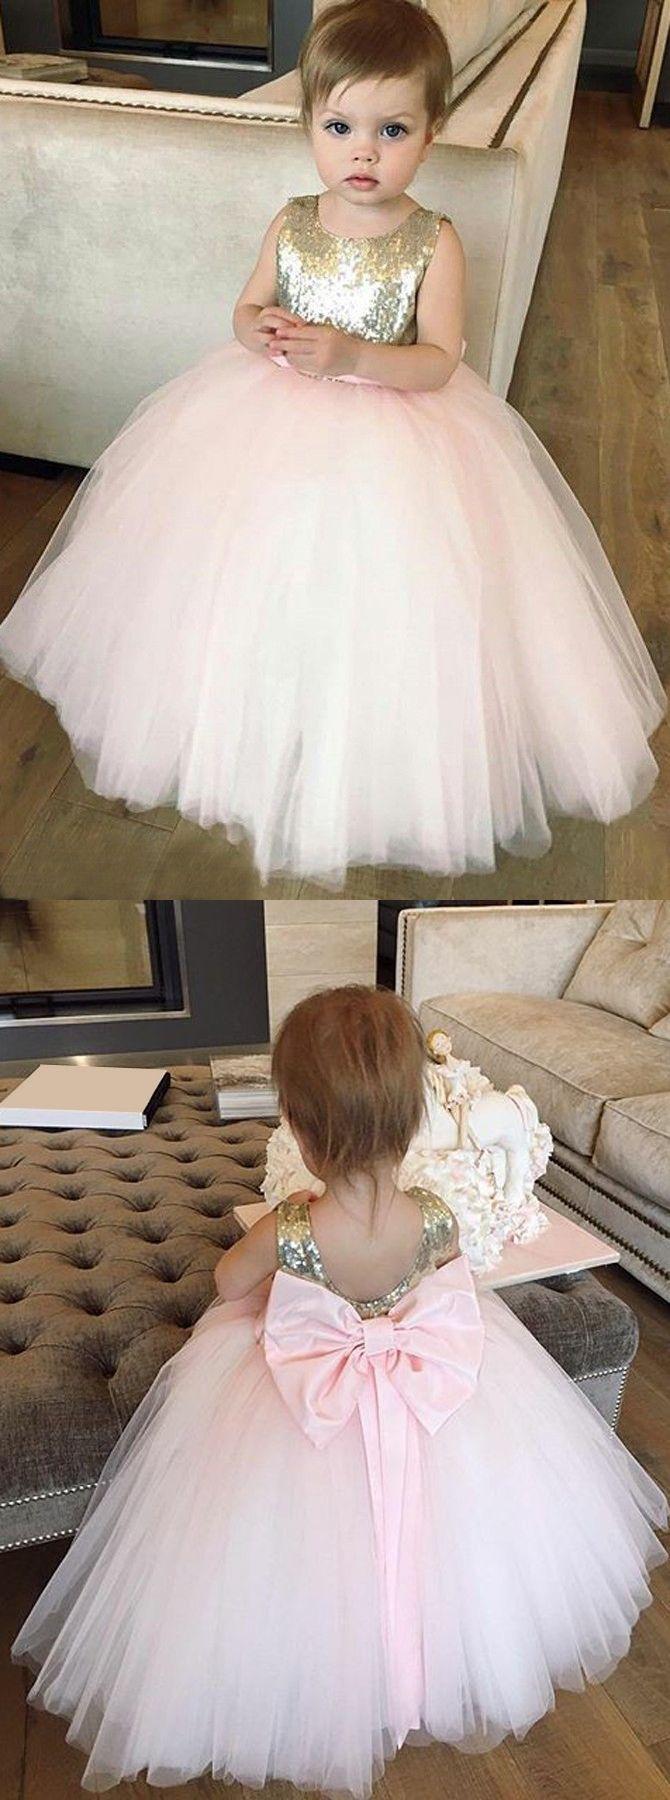 ball gown flower girl dresses,cute flower girl dress,pink flower girl dresses,bowknot flower gir dress